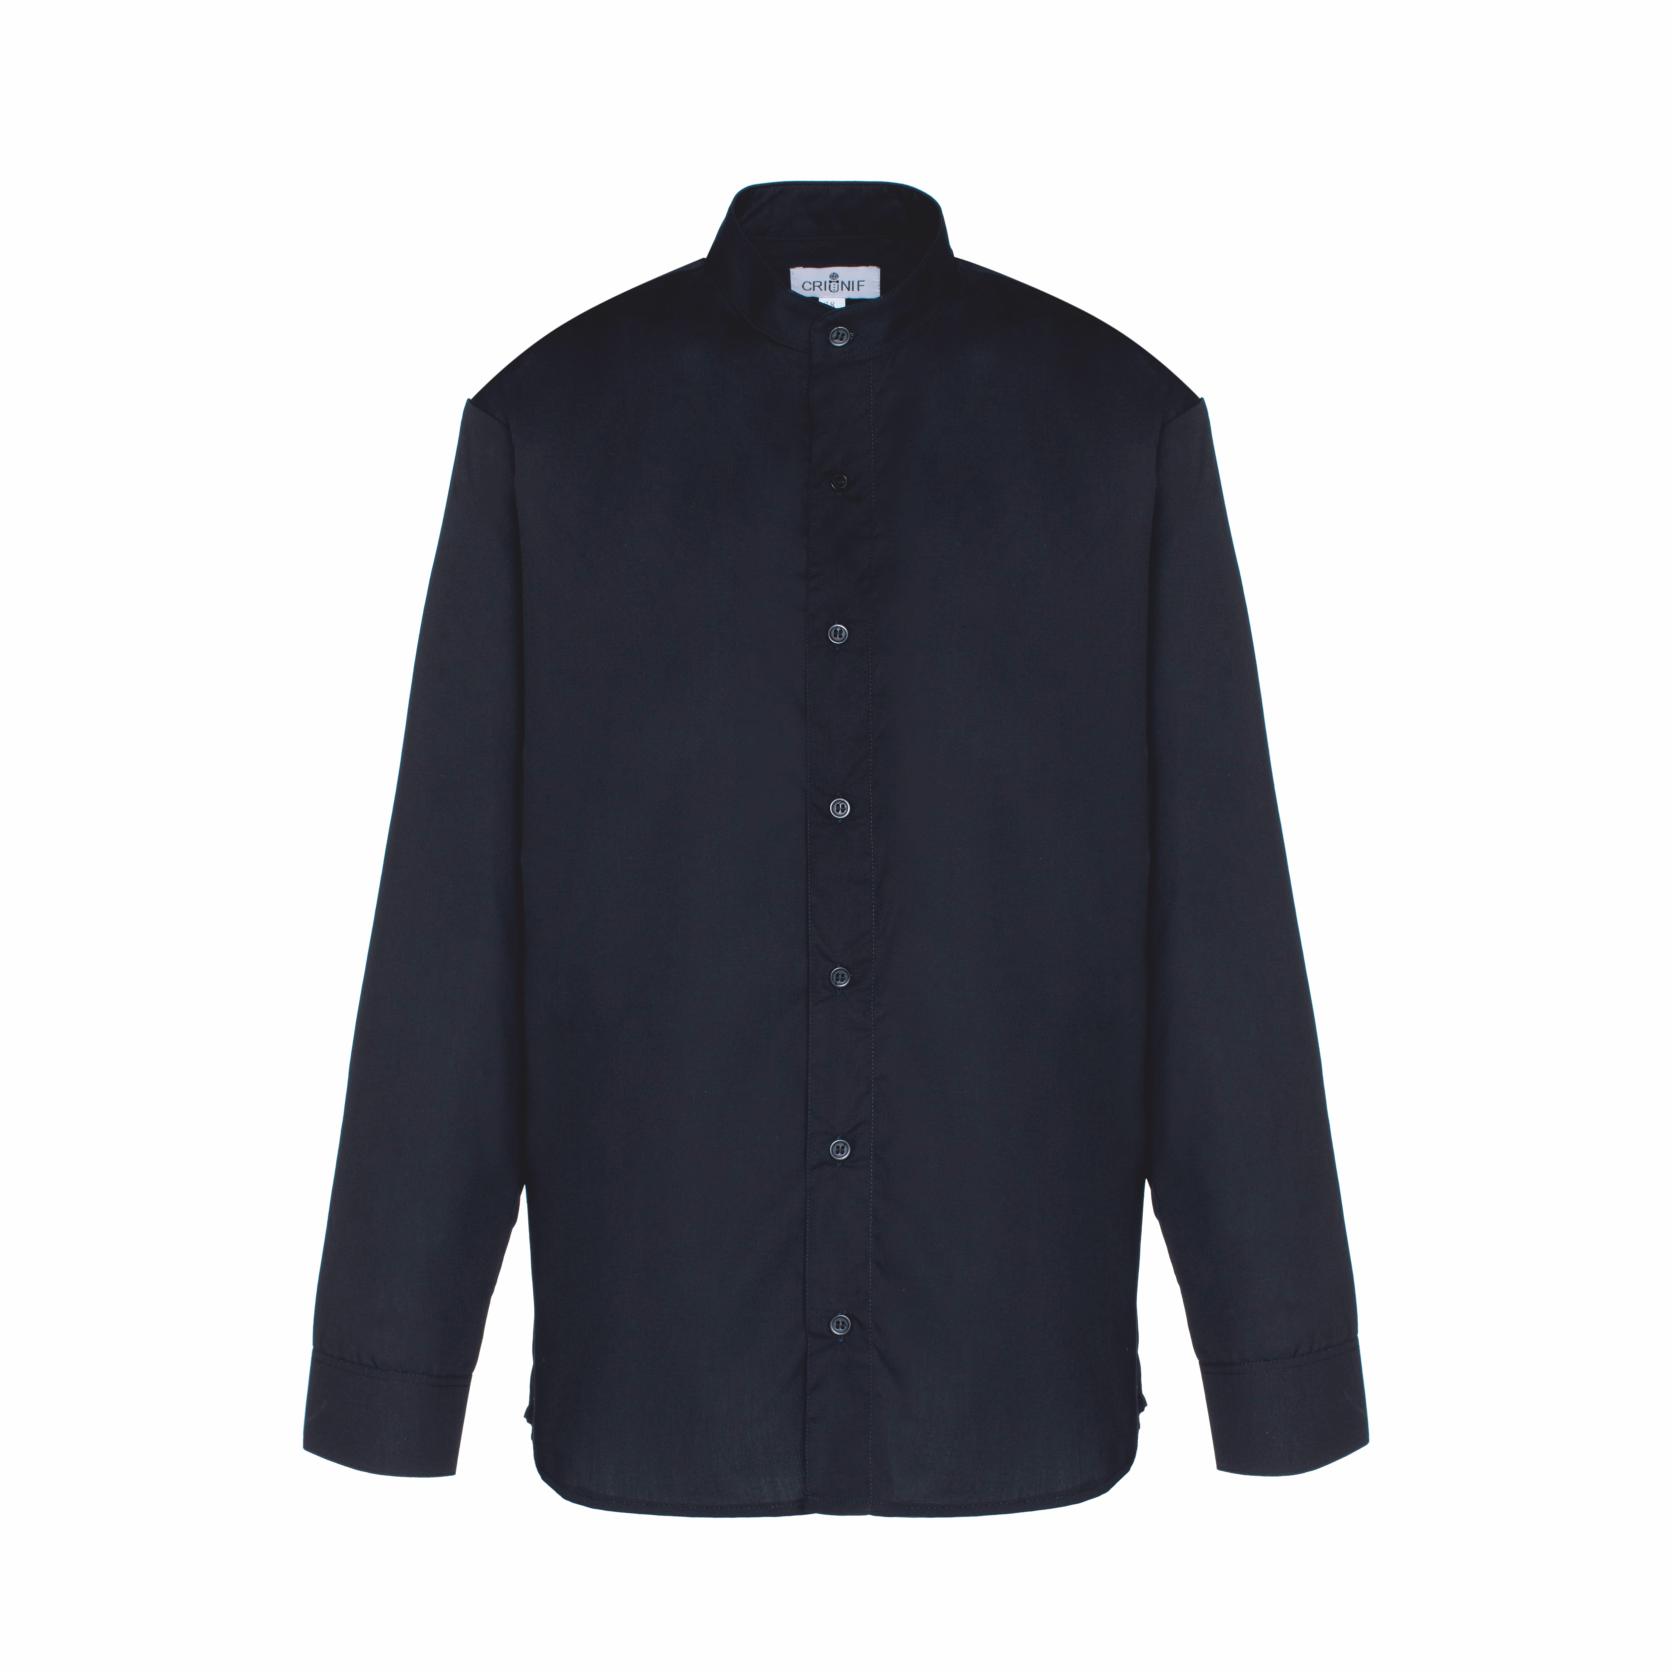 Camisa de Homem com Gola Chinesa na cor Preta